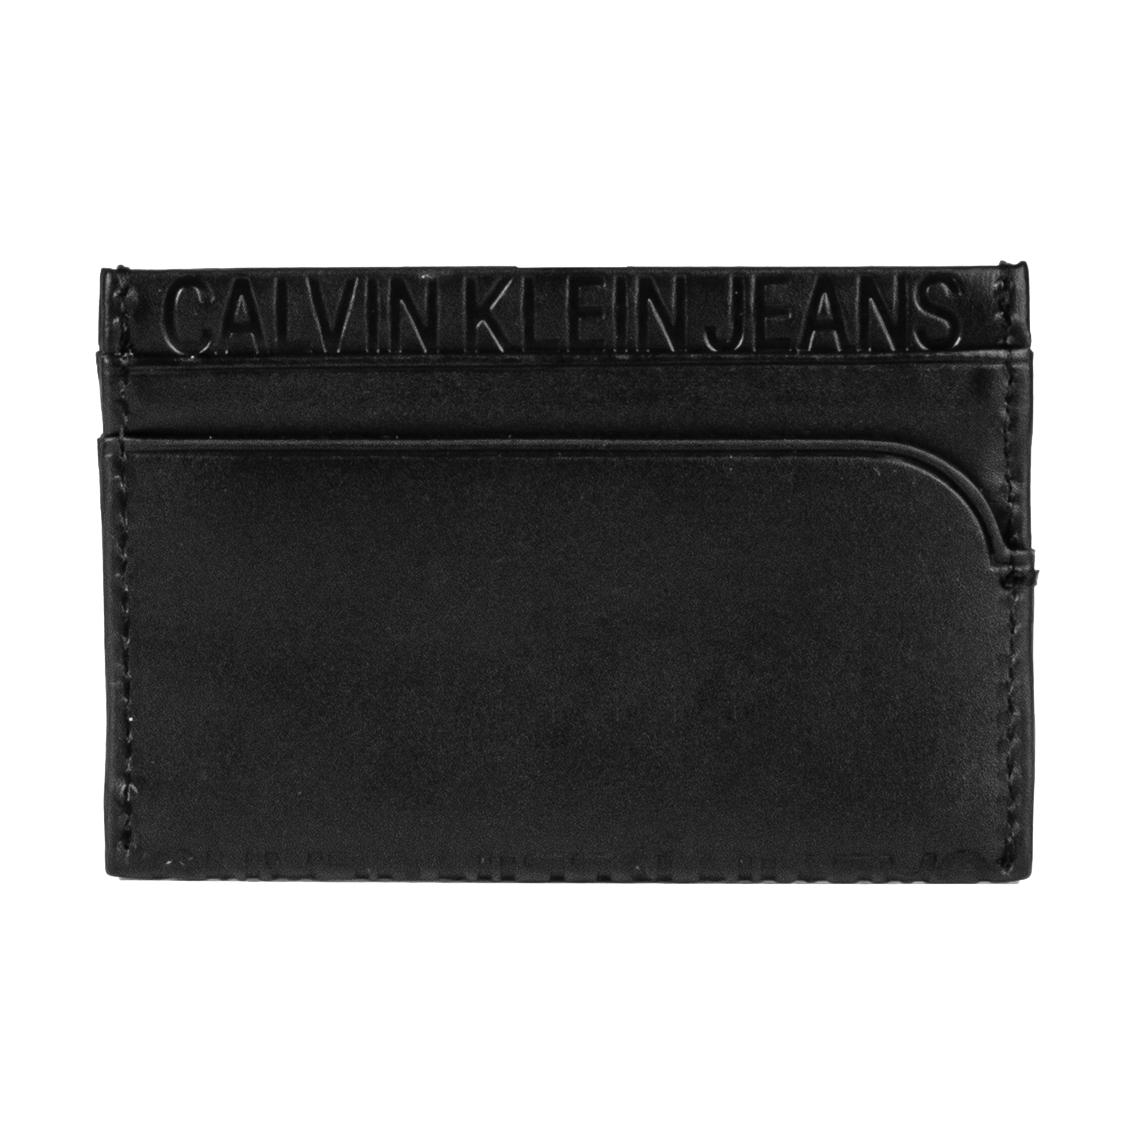 Porte-cartes italien calvin klein jeans en cuir de vache noir, embossé de la marque sur l\'avant et sur la tranche